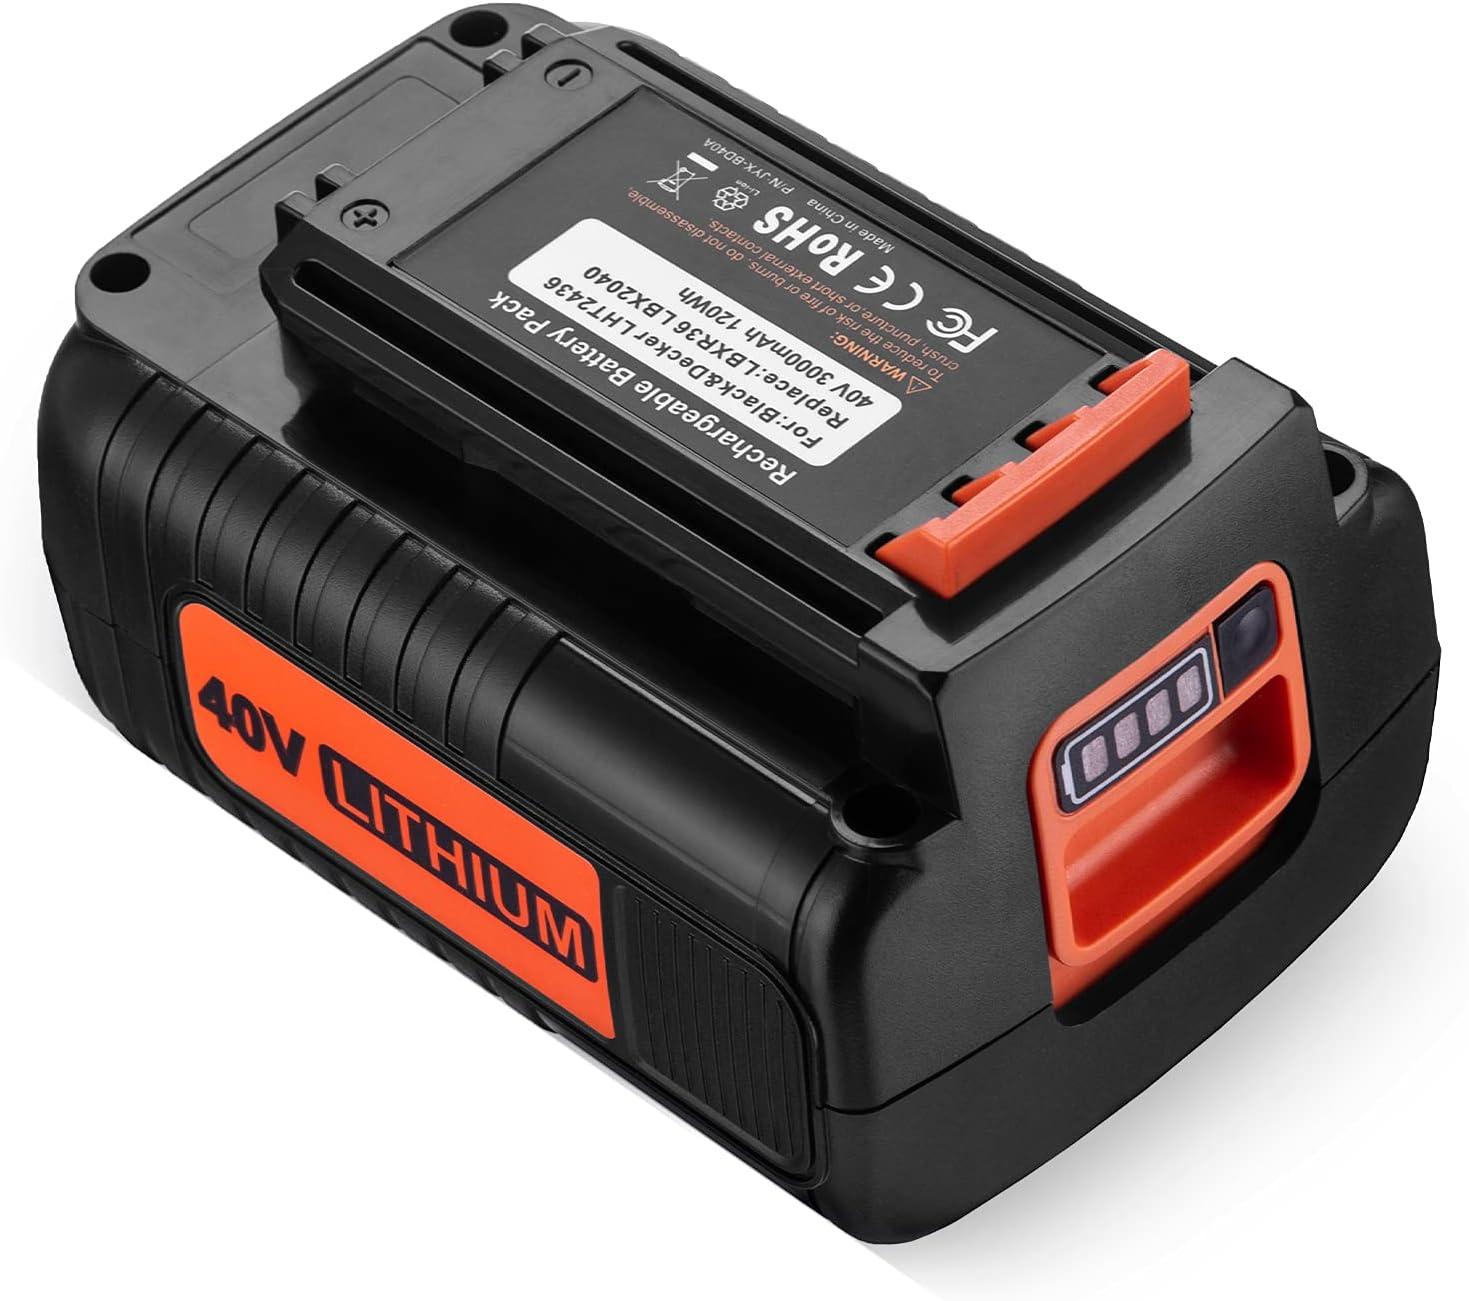 3000mAh LBX2040 Austin Mall Battery for Black and Decker Direct store LBXR203 40V